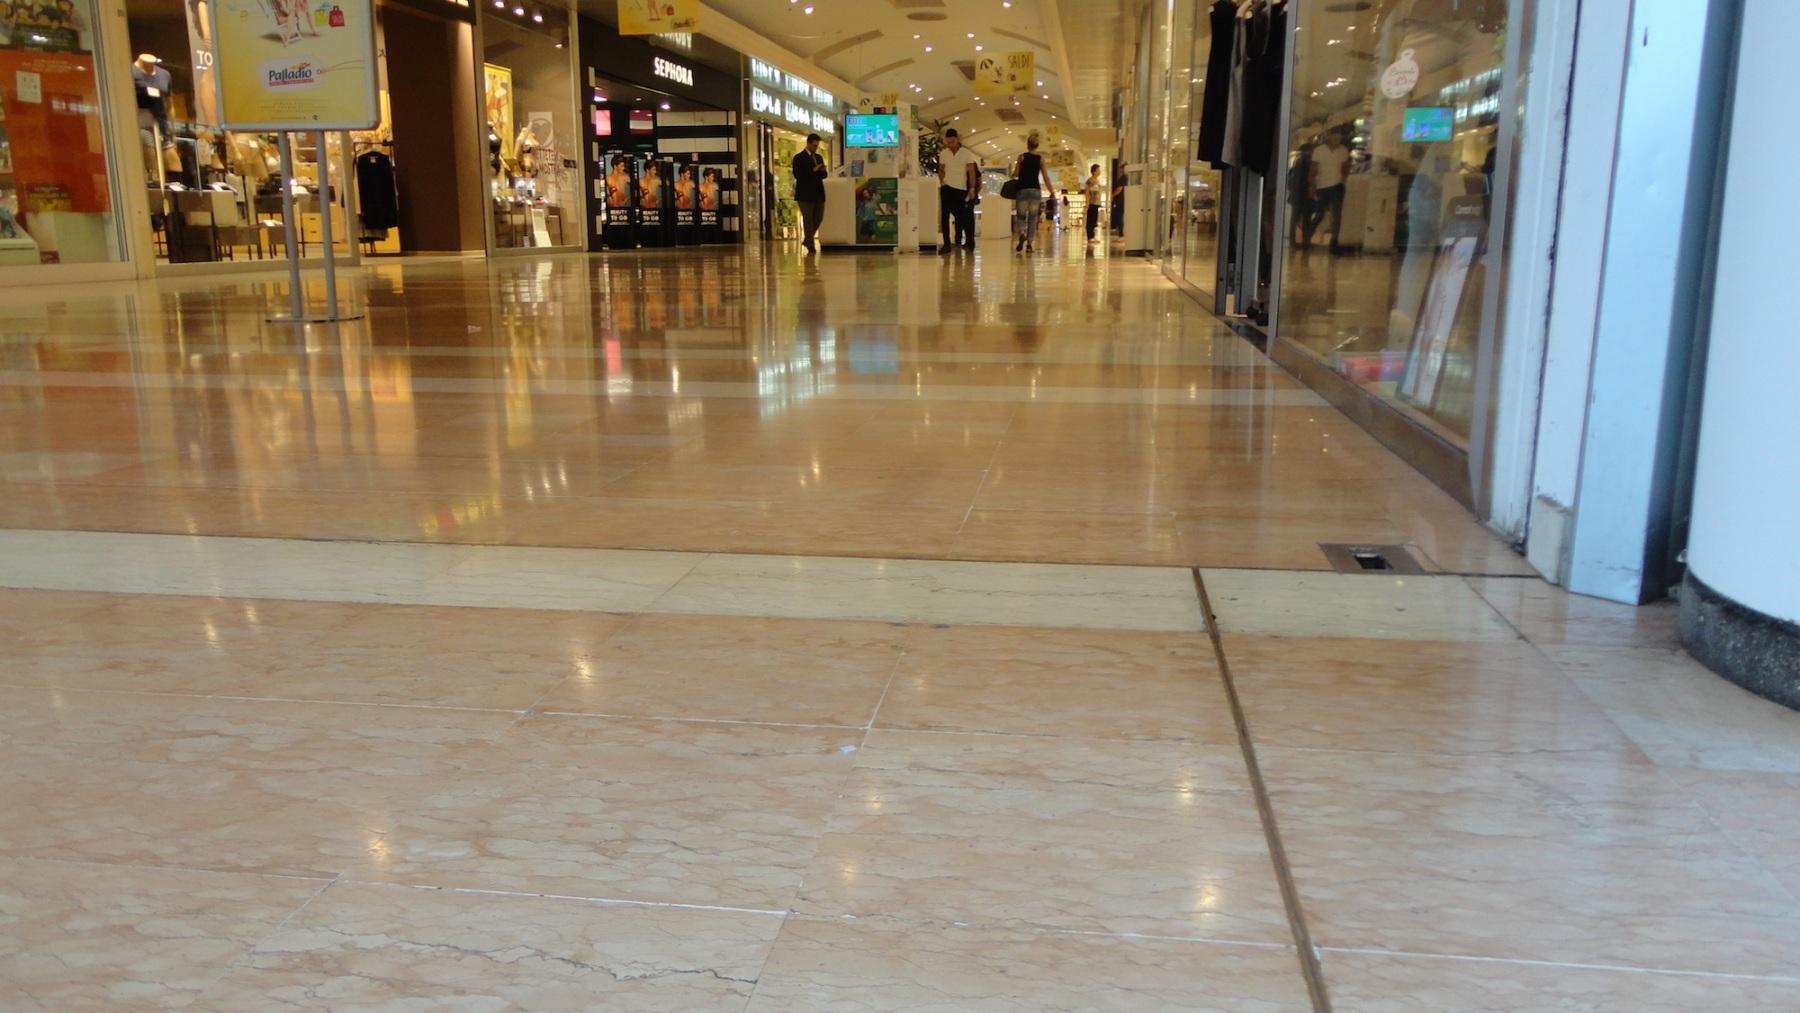 centro-commerciale-palladio-vicenza-11